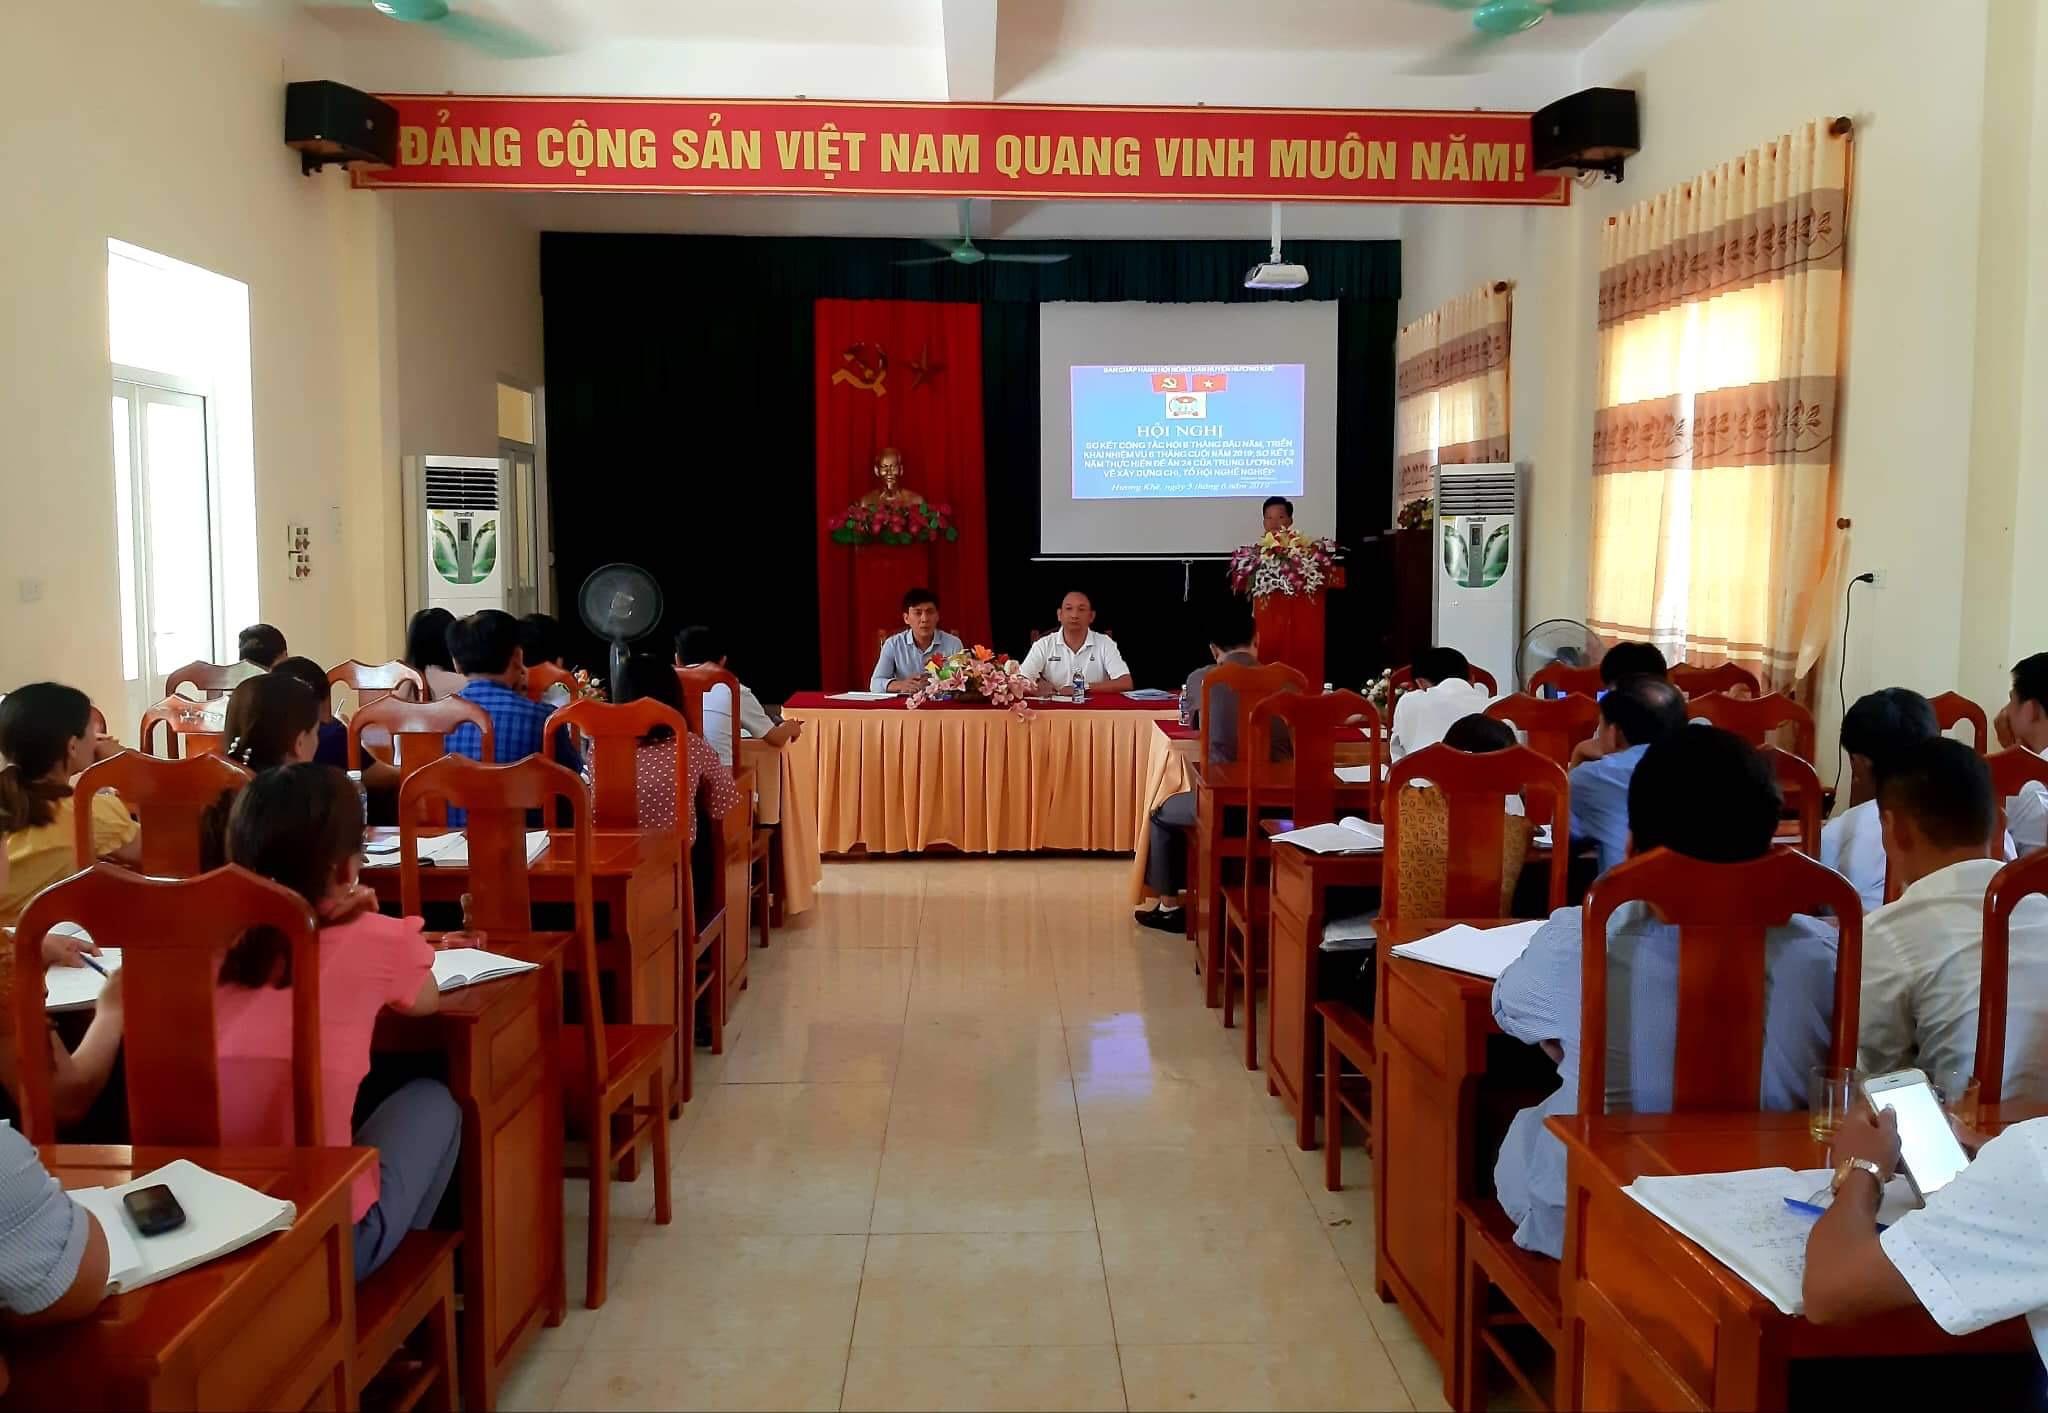 Hội Nông dân huyện Hương Khê Chỉ đạo xây dựng mới 50 mô hình trồng trọt, chăn nuôi.